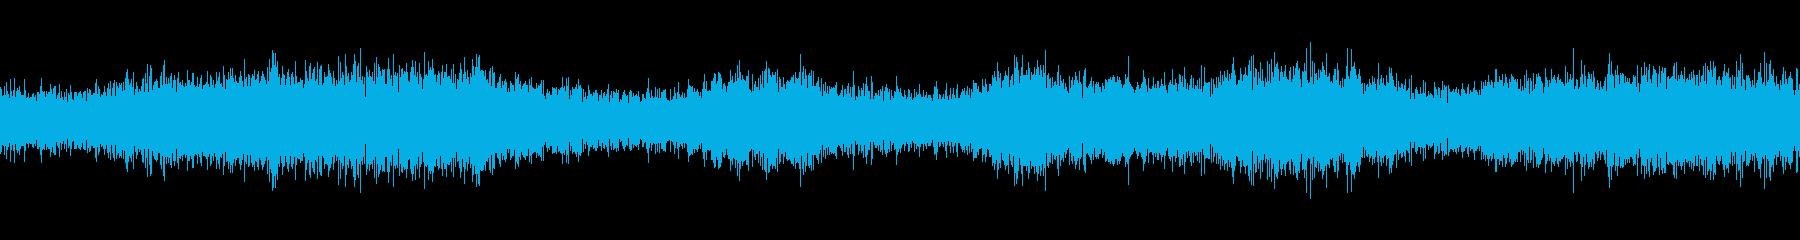 【生録音】ループで使える夏の虫の声 3の再生済みの波形